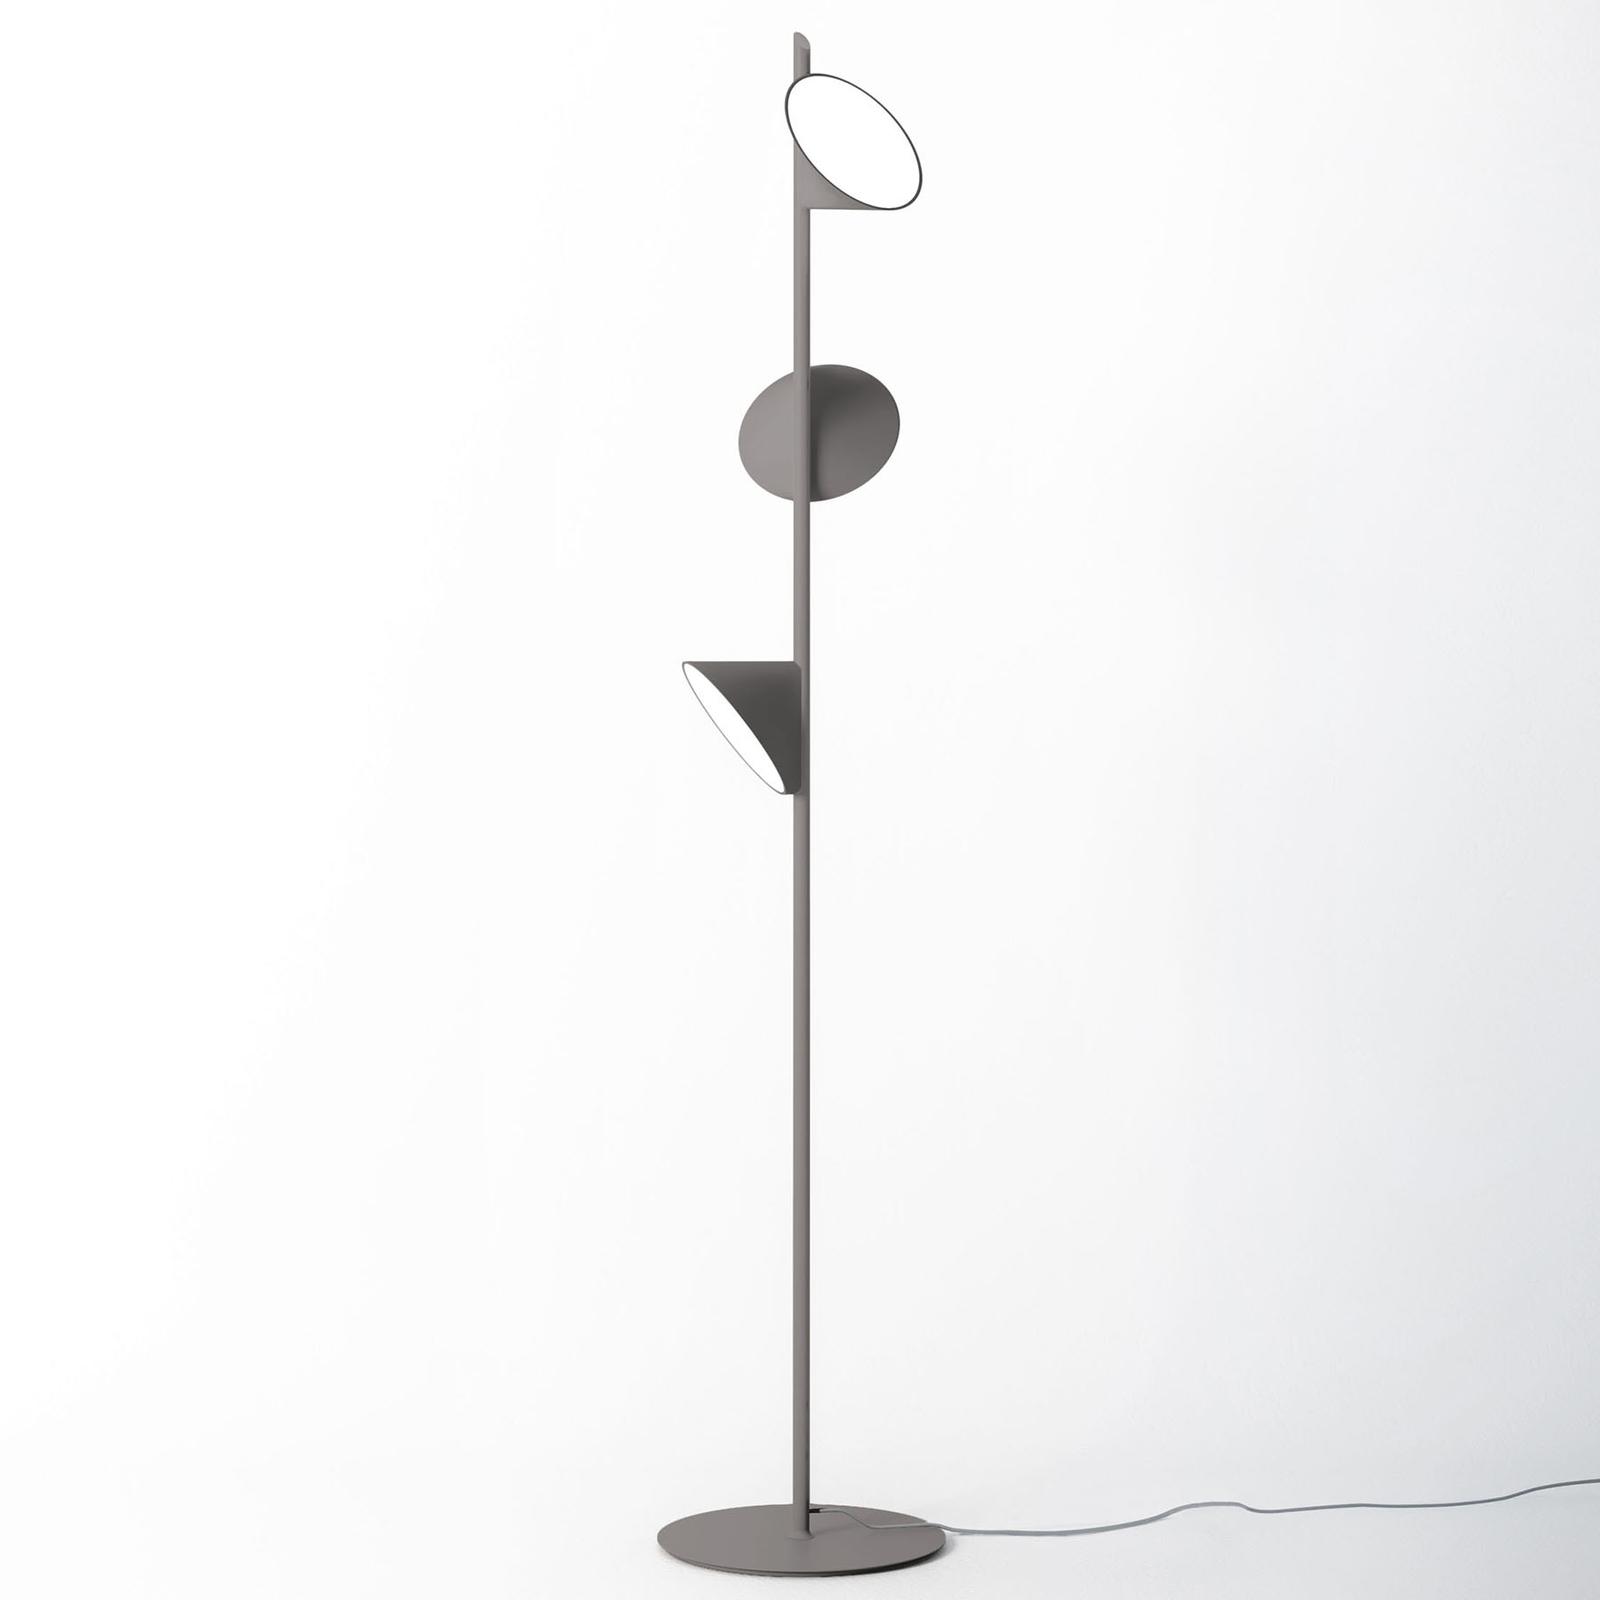 Axolight Orchid lampadaire LED, gris foncé